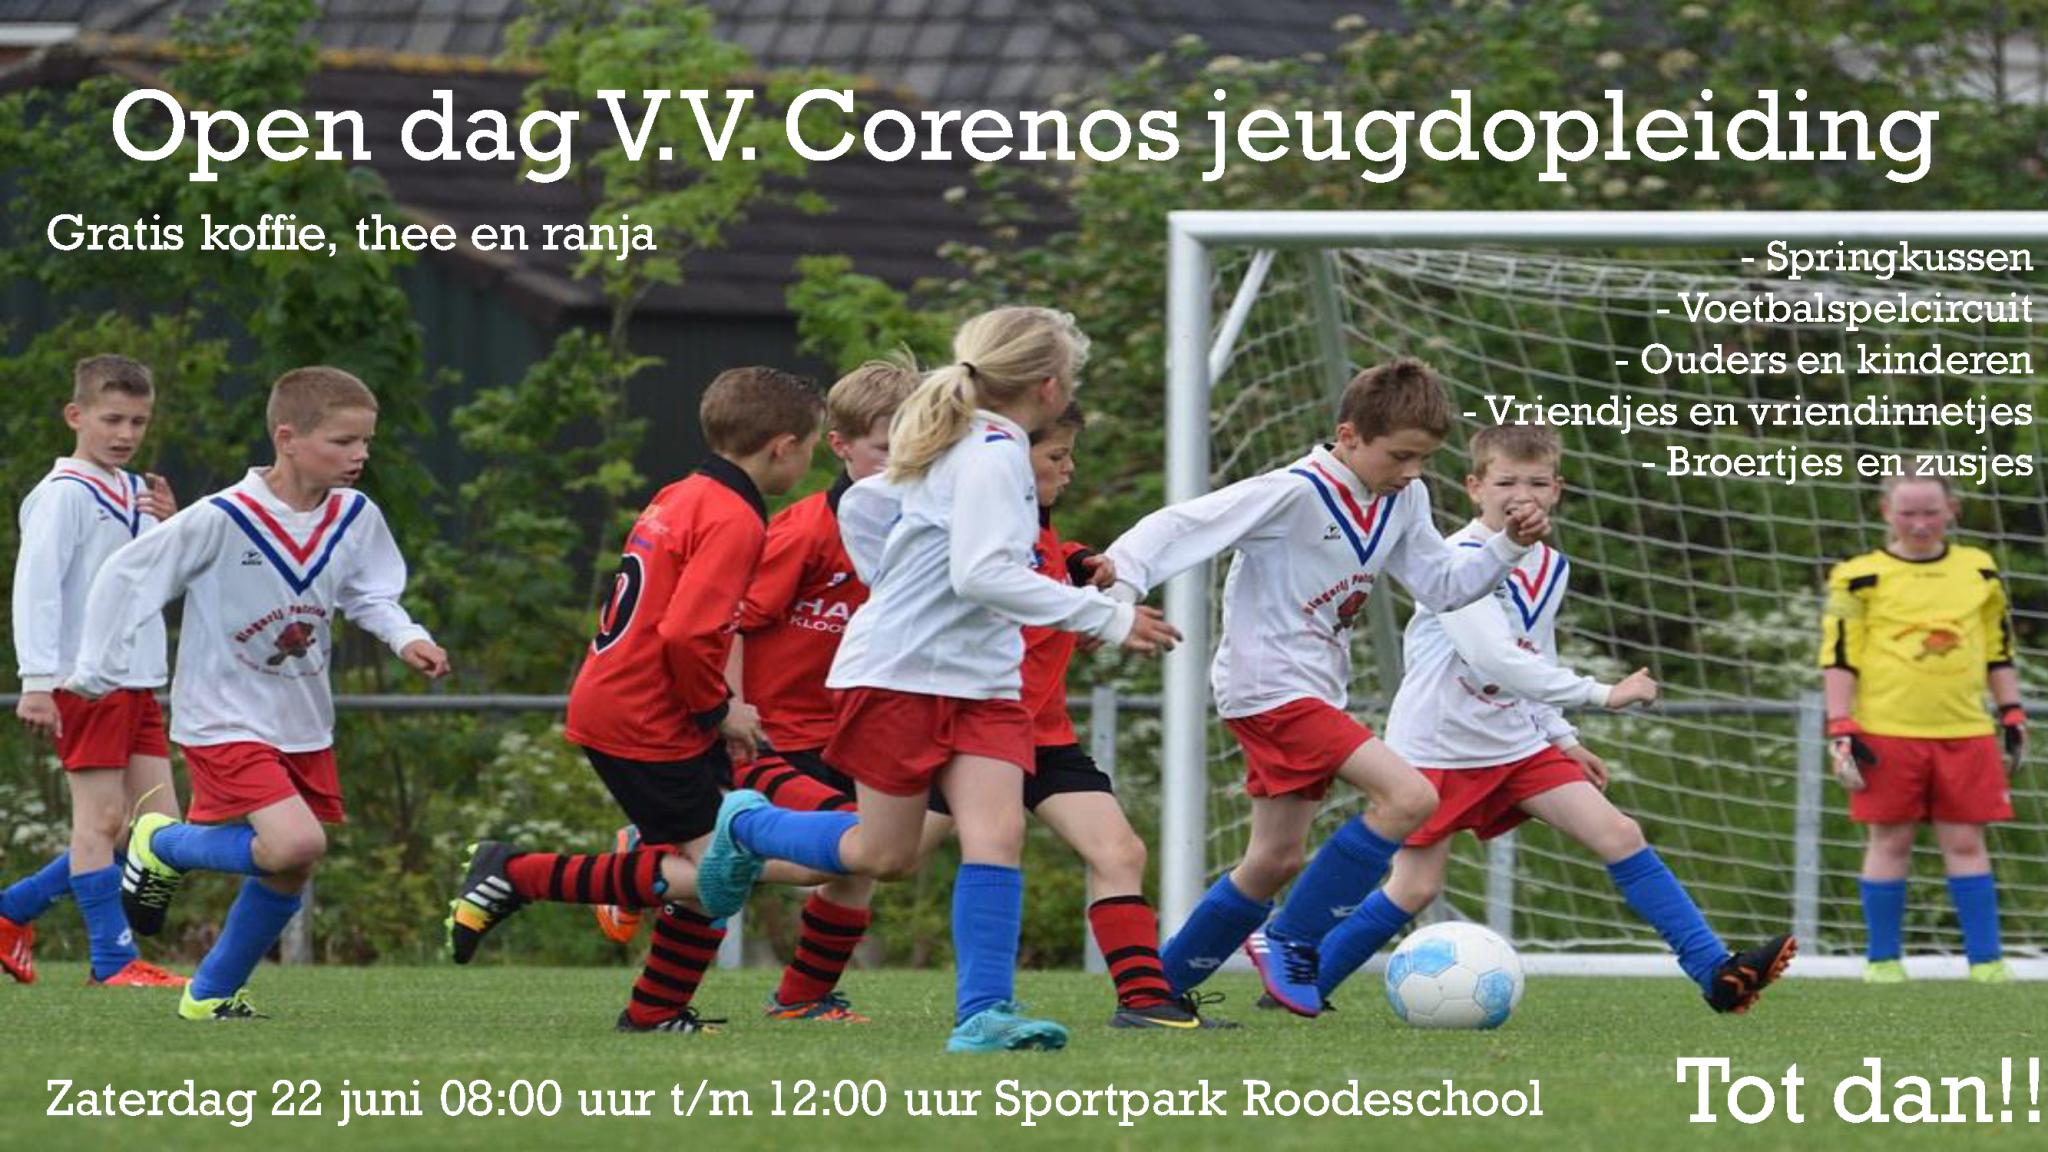 V.V. Corenos organiseert een open dag voor de jeugd